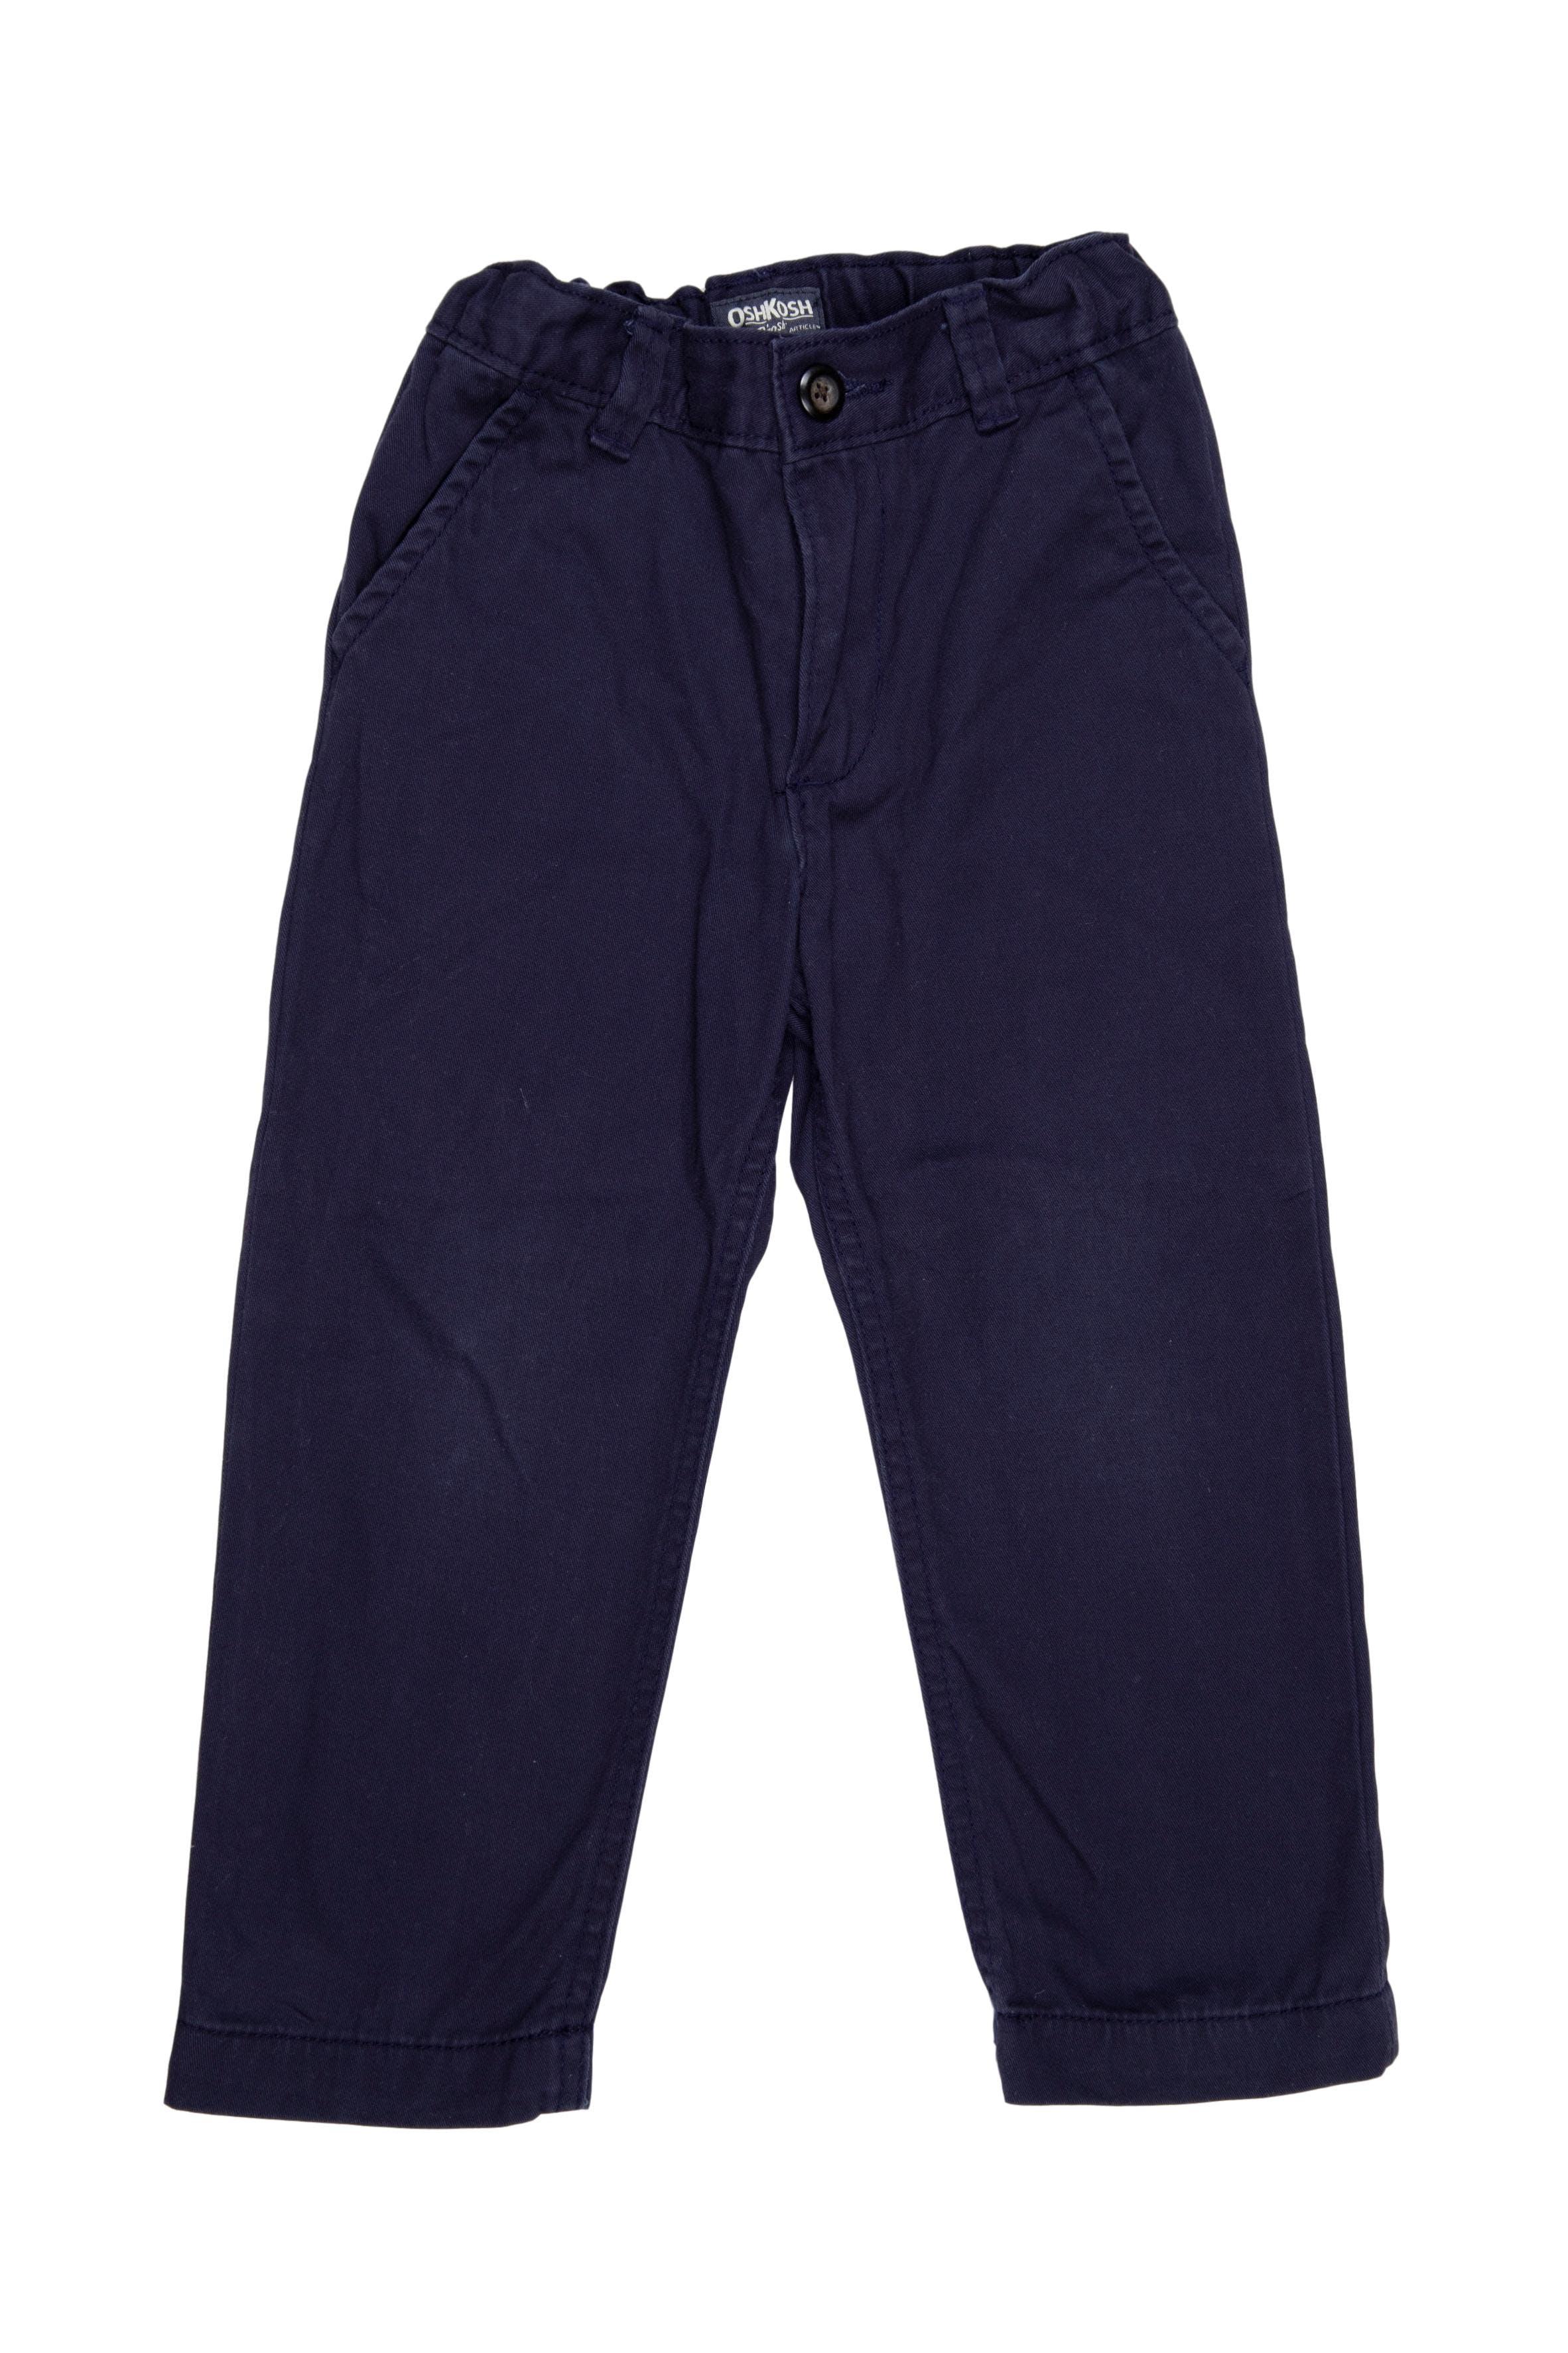 pantalon de drill 100% algodón azul marino, cintura regulable